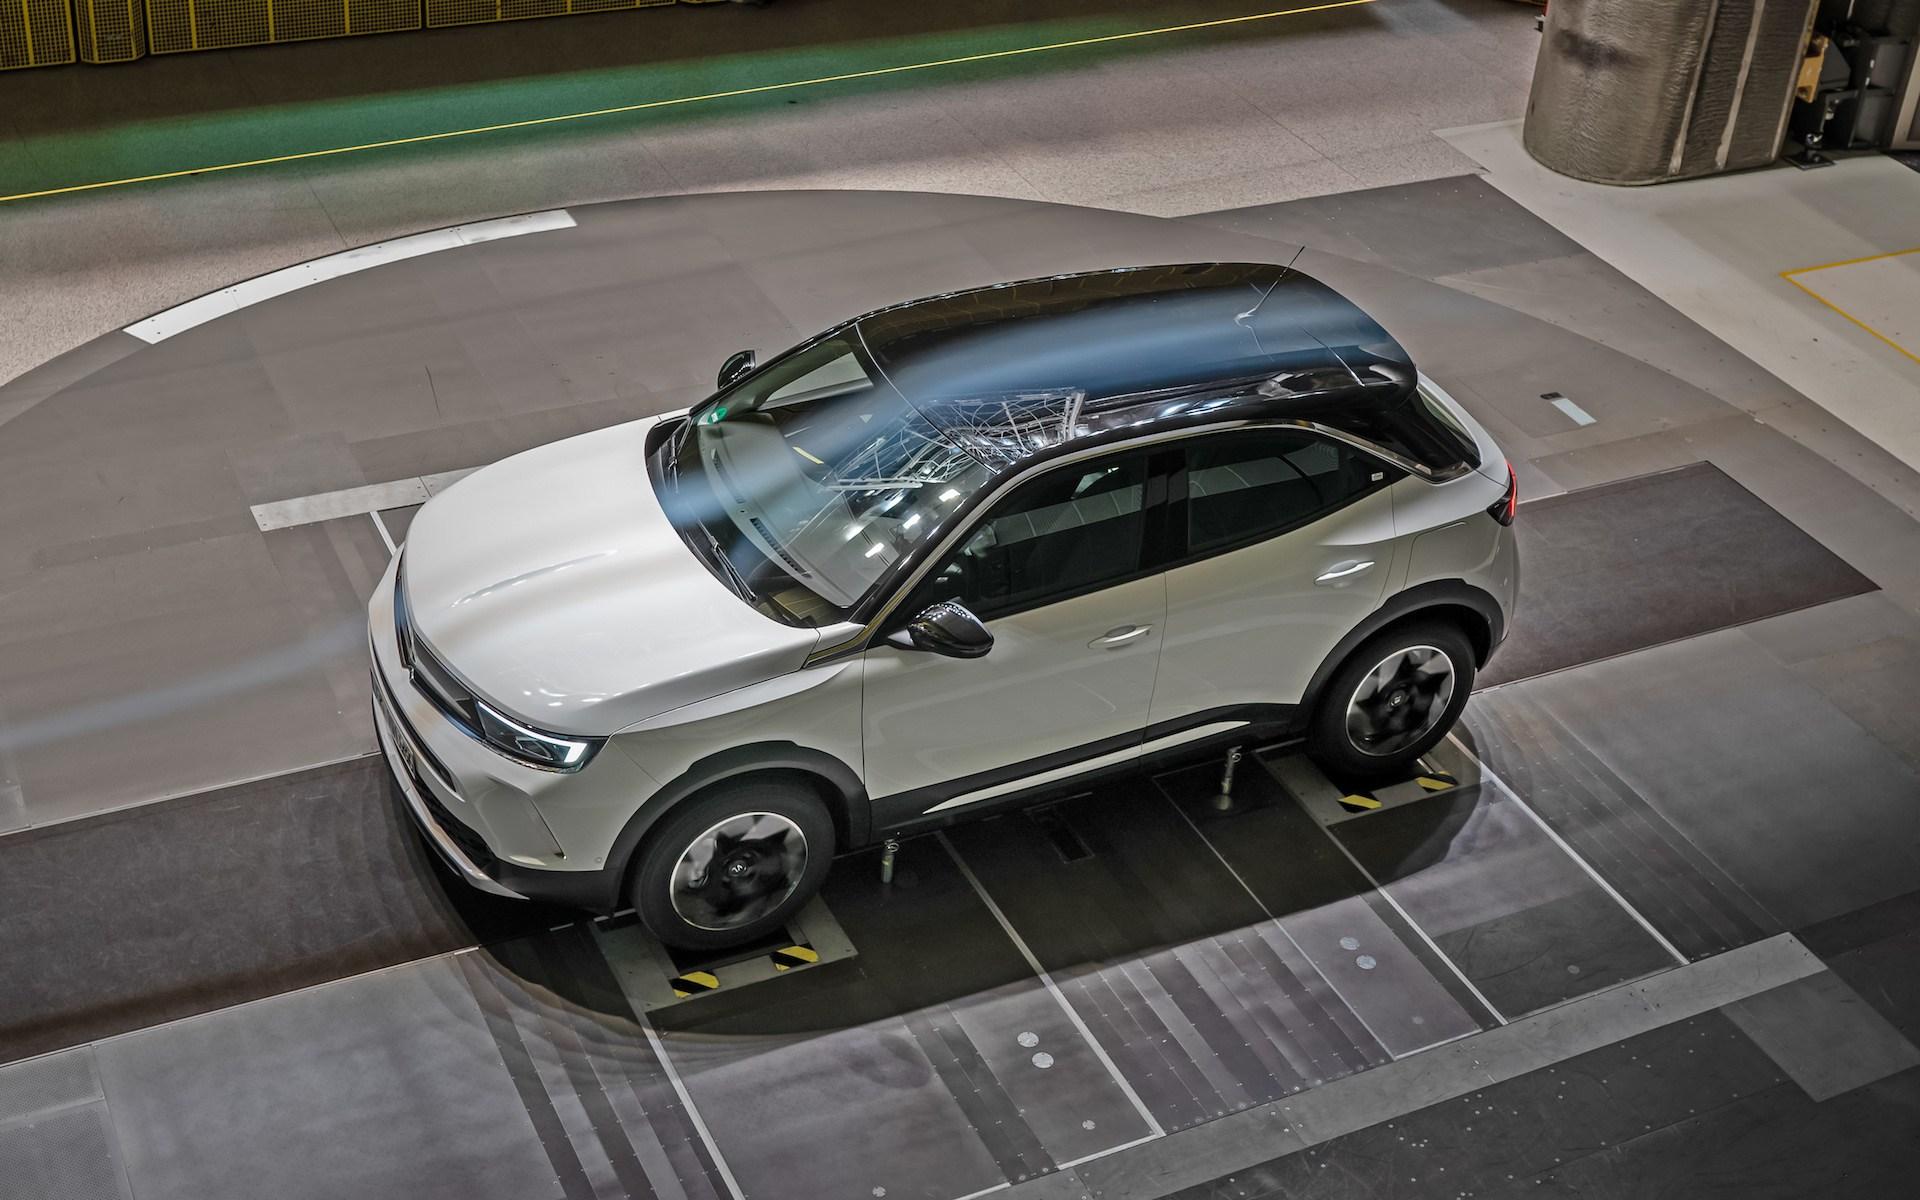 Nowy Opel Mokka: znakomite właściwości aerodynamiczne sprzyjają efektywności i obniżeniu emisji